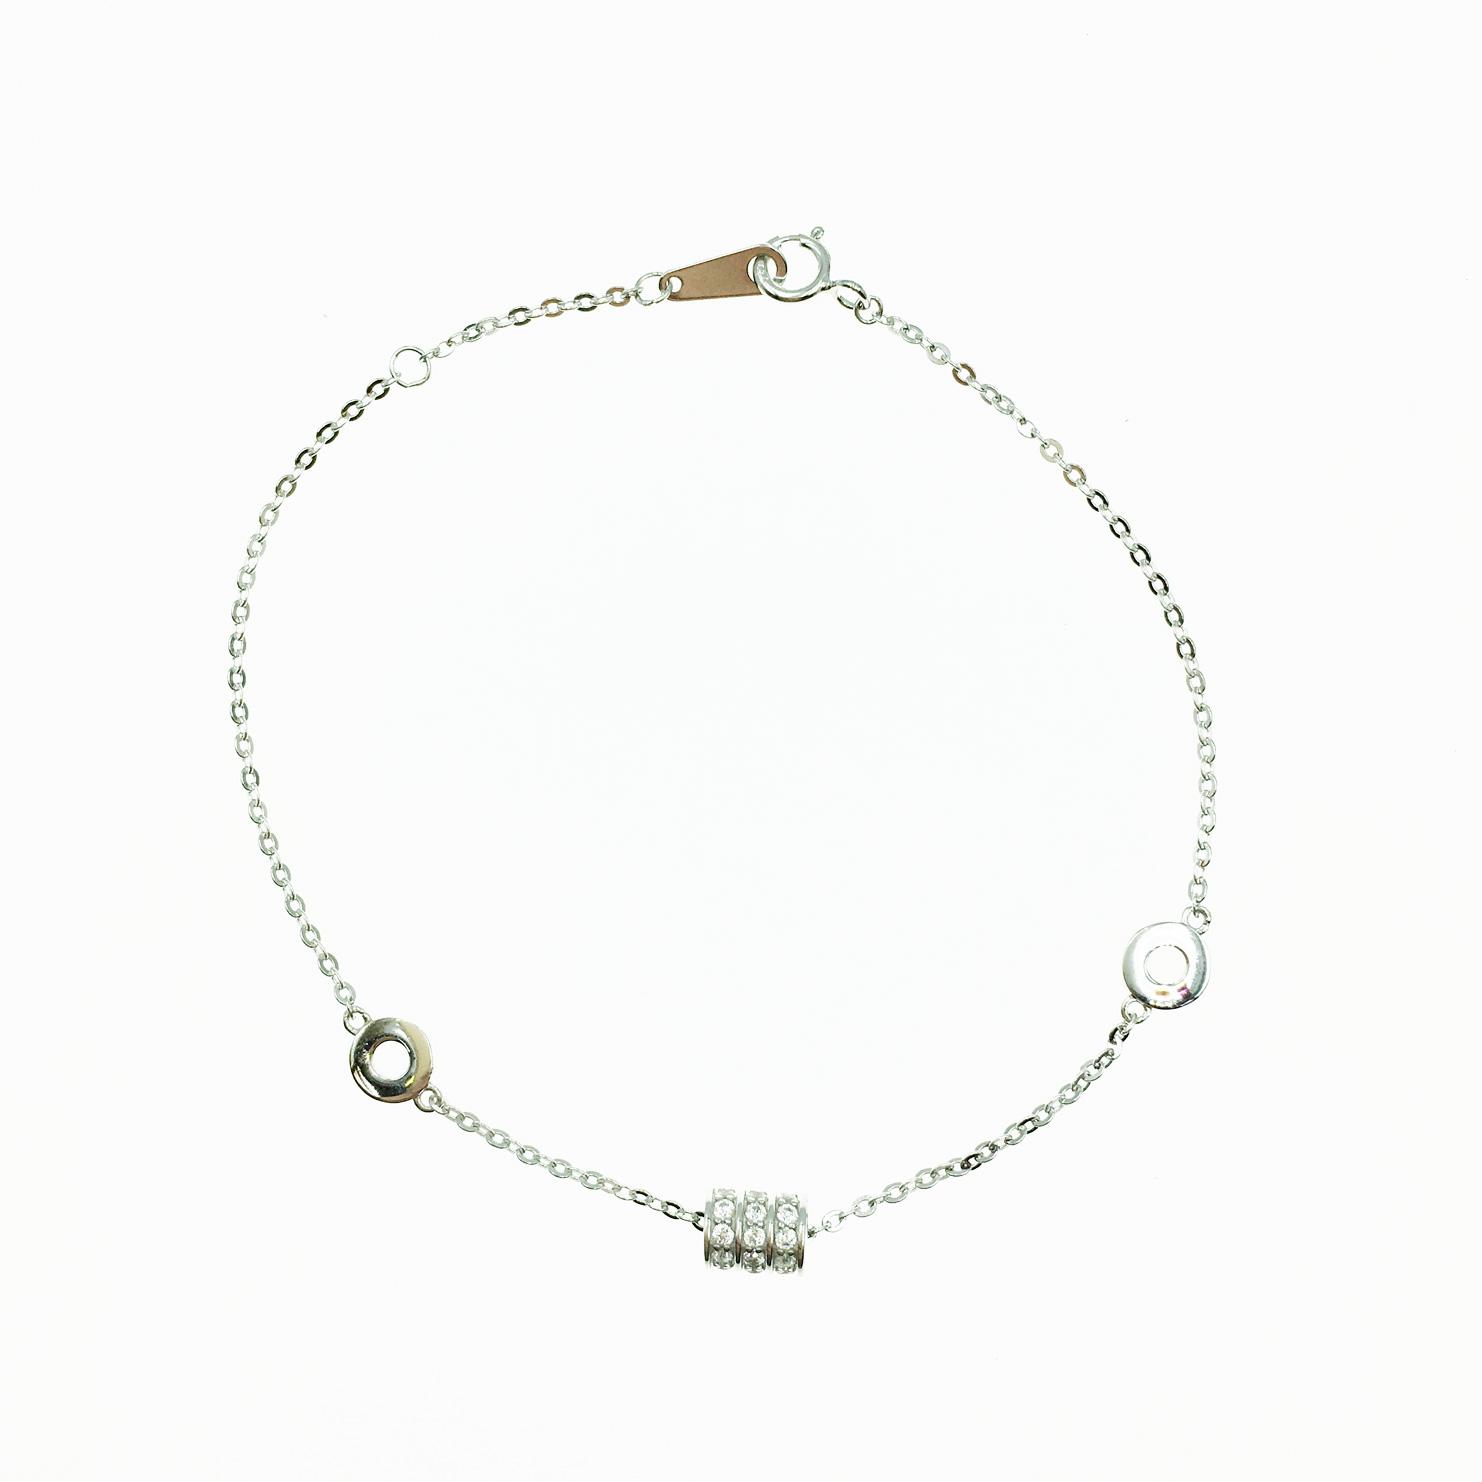 韓國 925純銀 簍空圓圈 轉動水鑽 質感 手飾 手鍊